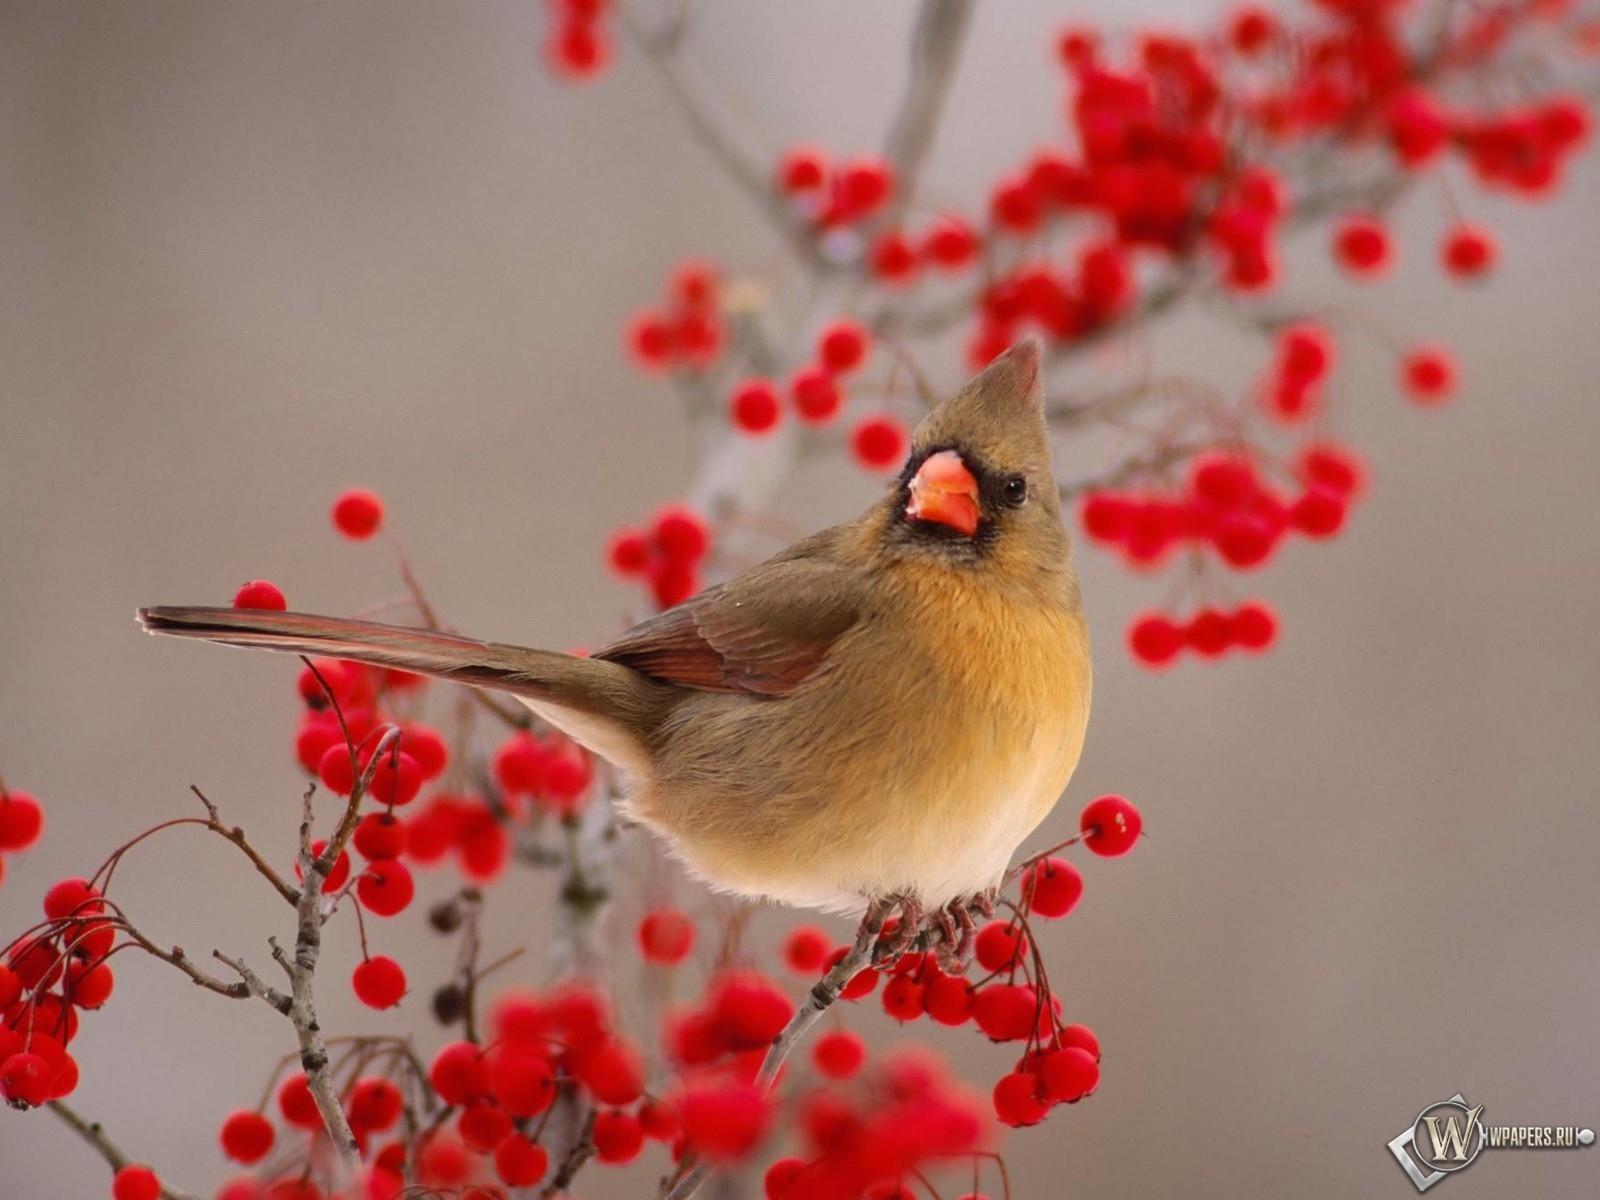 Птичка на рябине 1600x1200